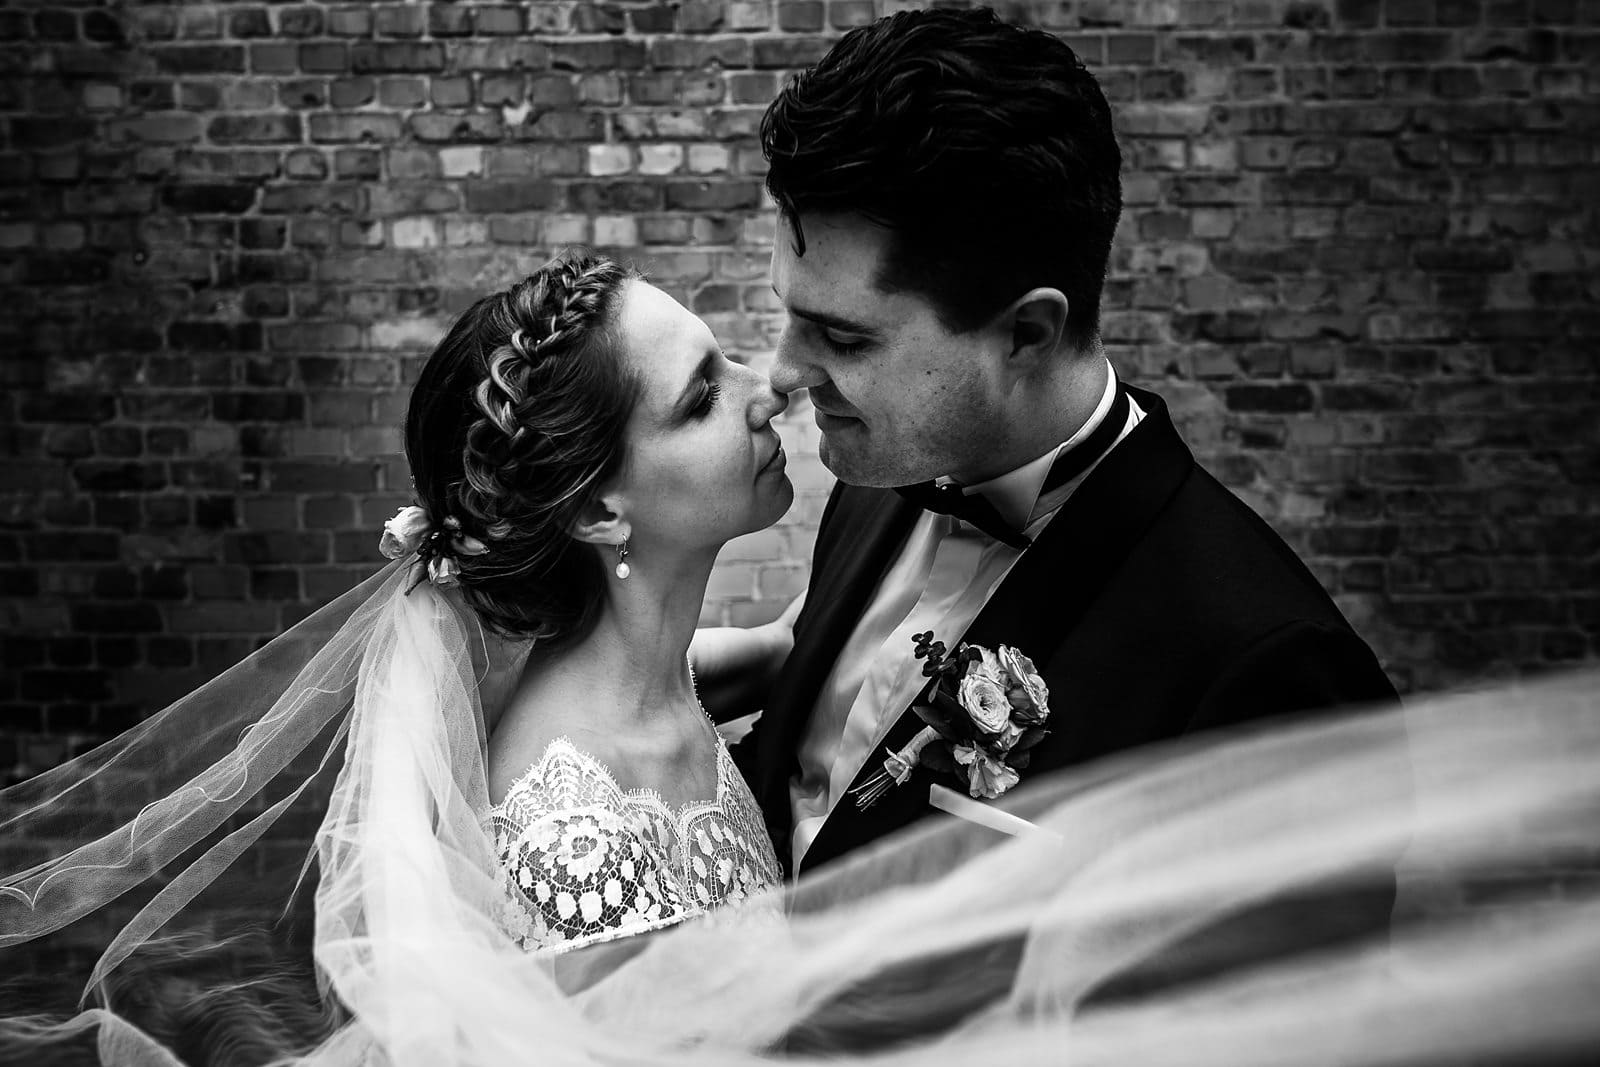 Hochzeitsfotograf Mölln, Waldhof Mölln, Hochzeitsfotos, Hochzeitsbilder Mölln, Karoline & Thomas - wir fotografieren Eure Traumhochzeit in Mölln